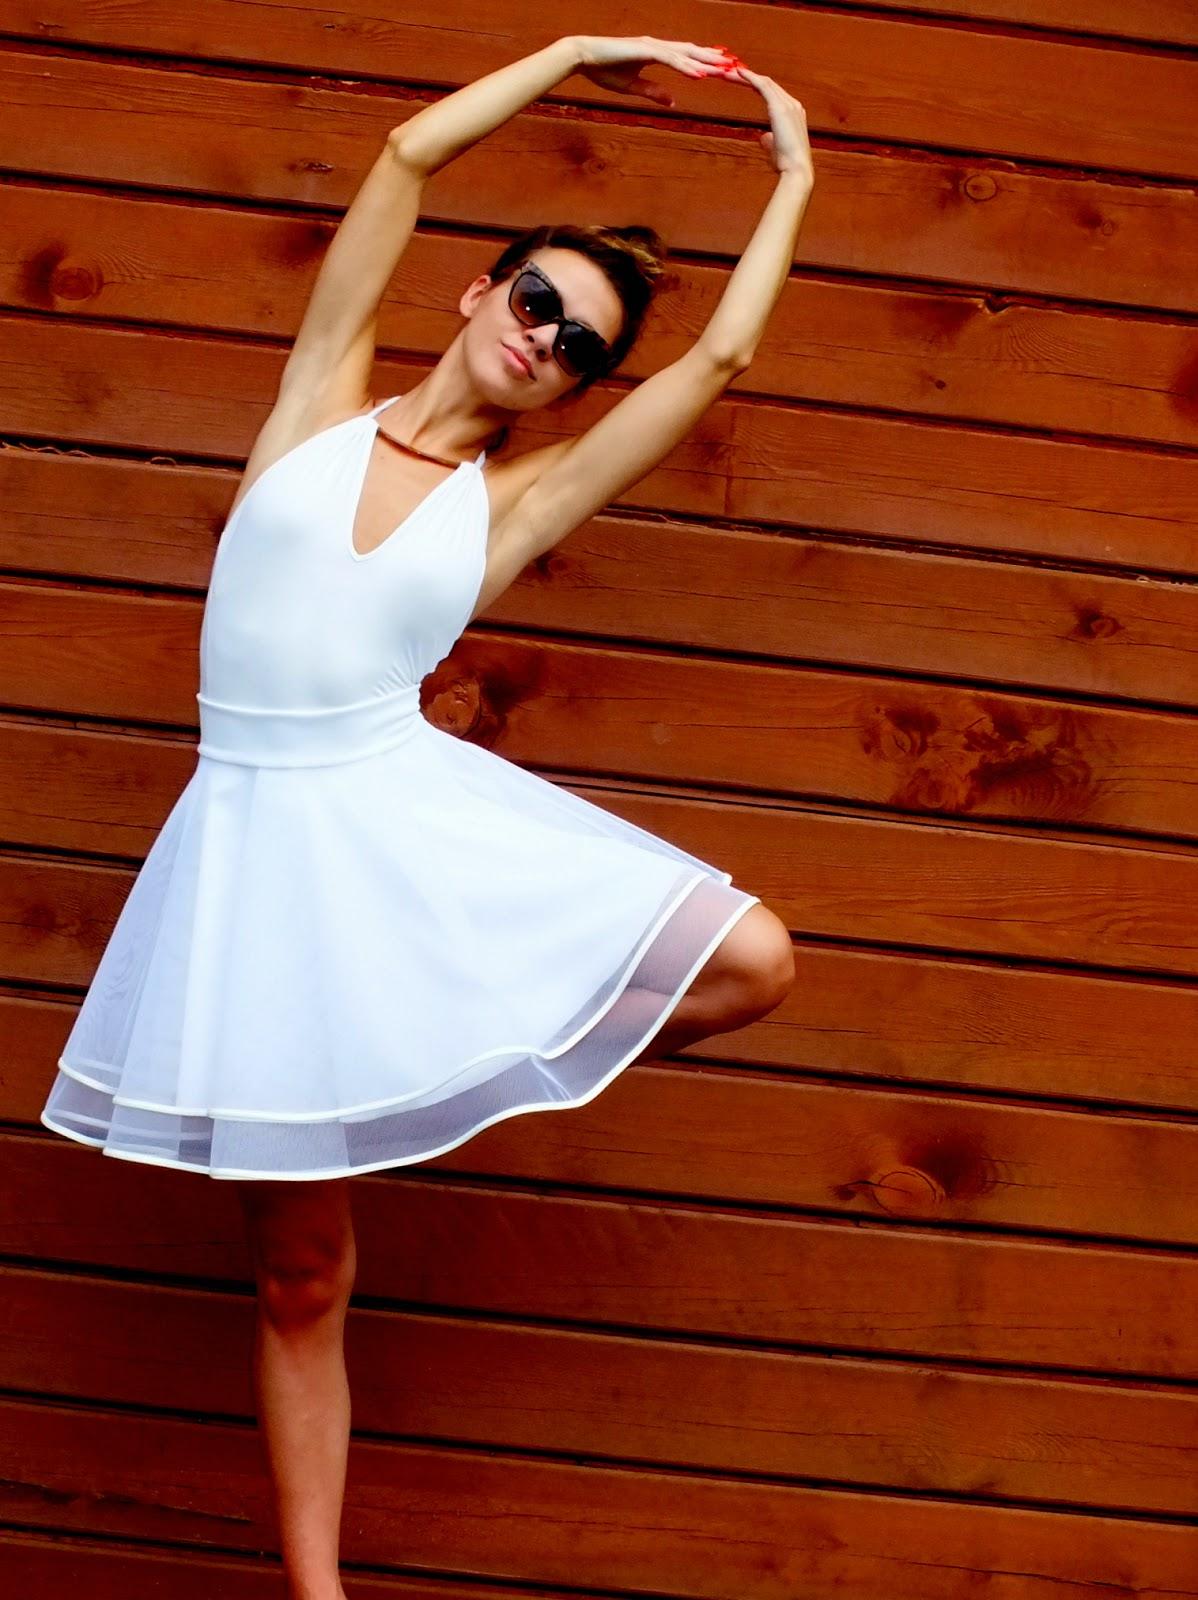 spódnica tiulowa z koła, biała spódnica tiulowa